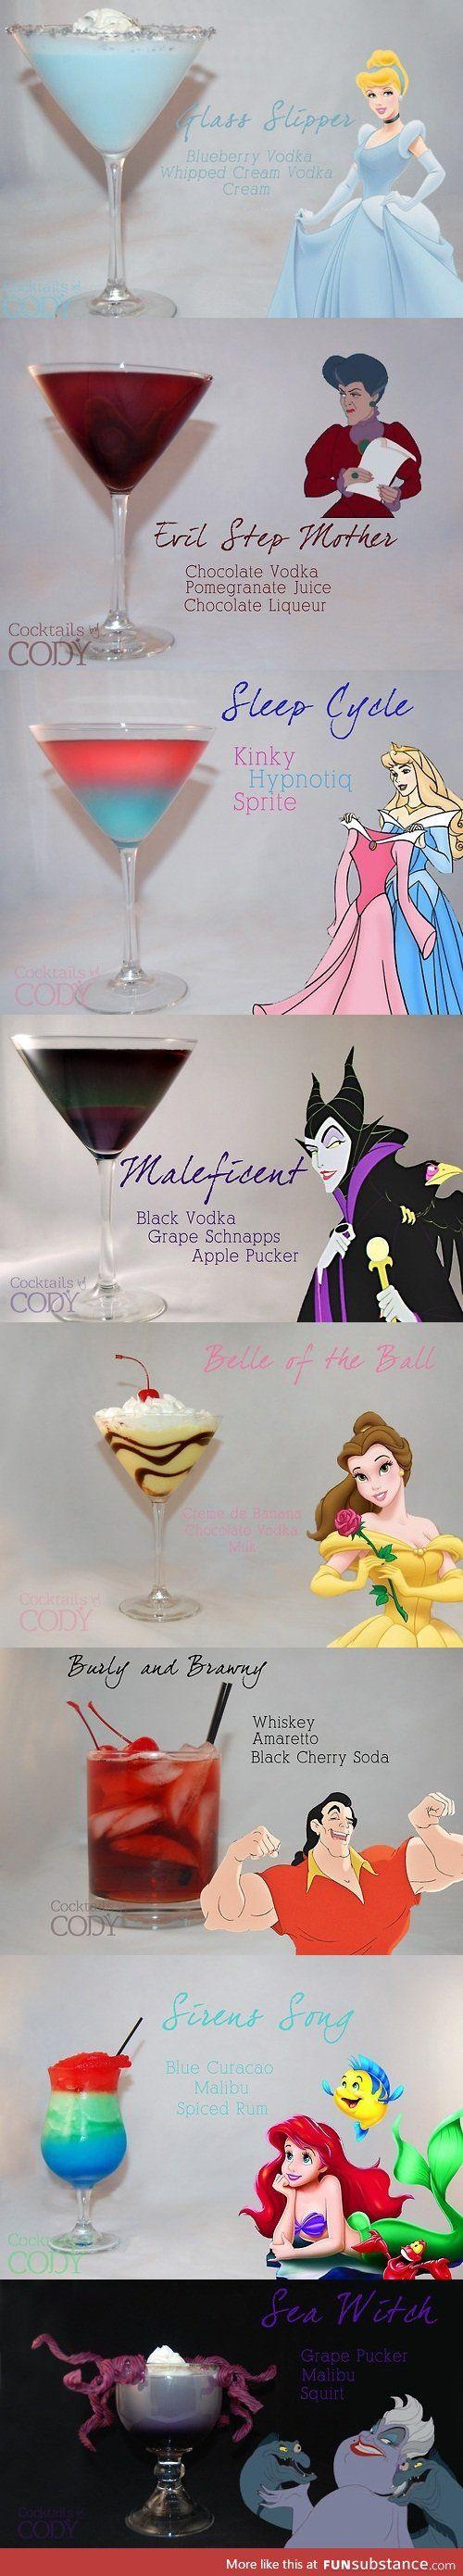 Driks de personagens da Disney